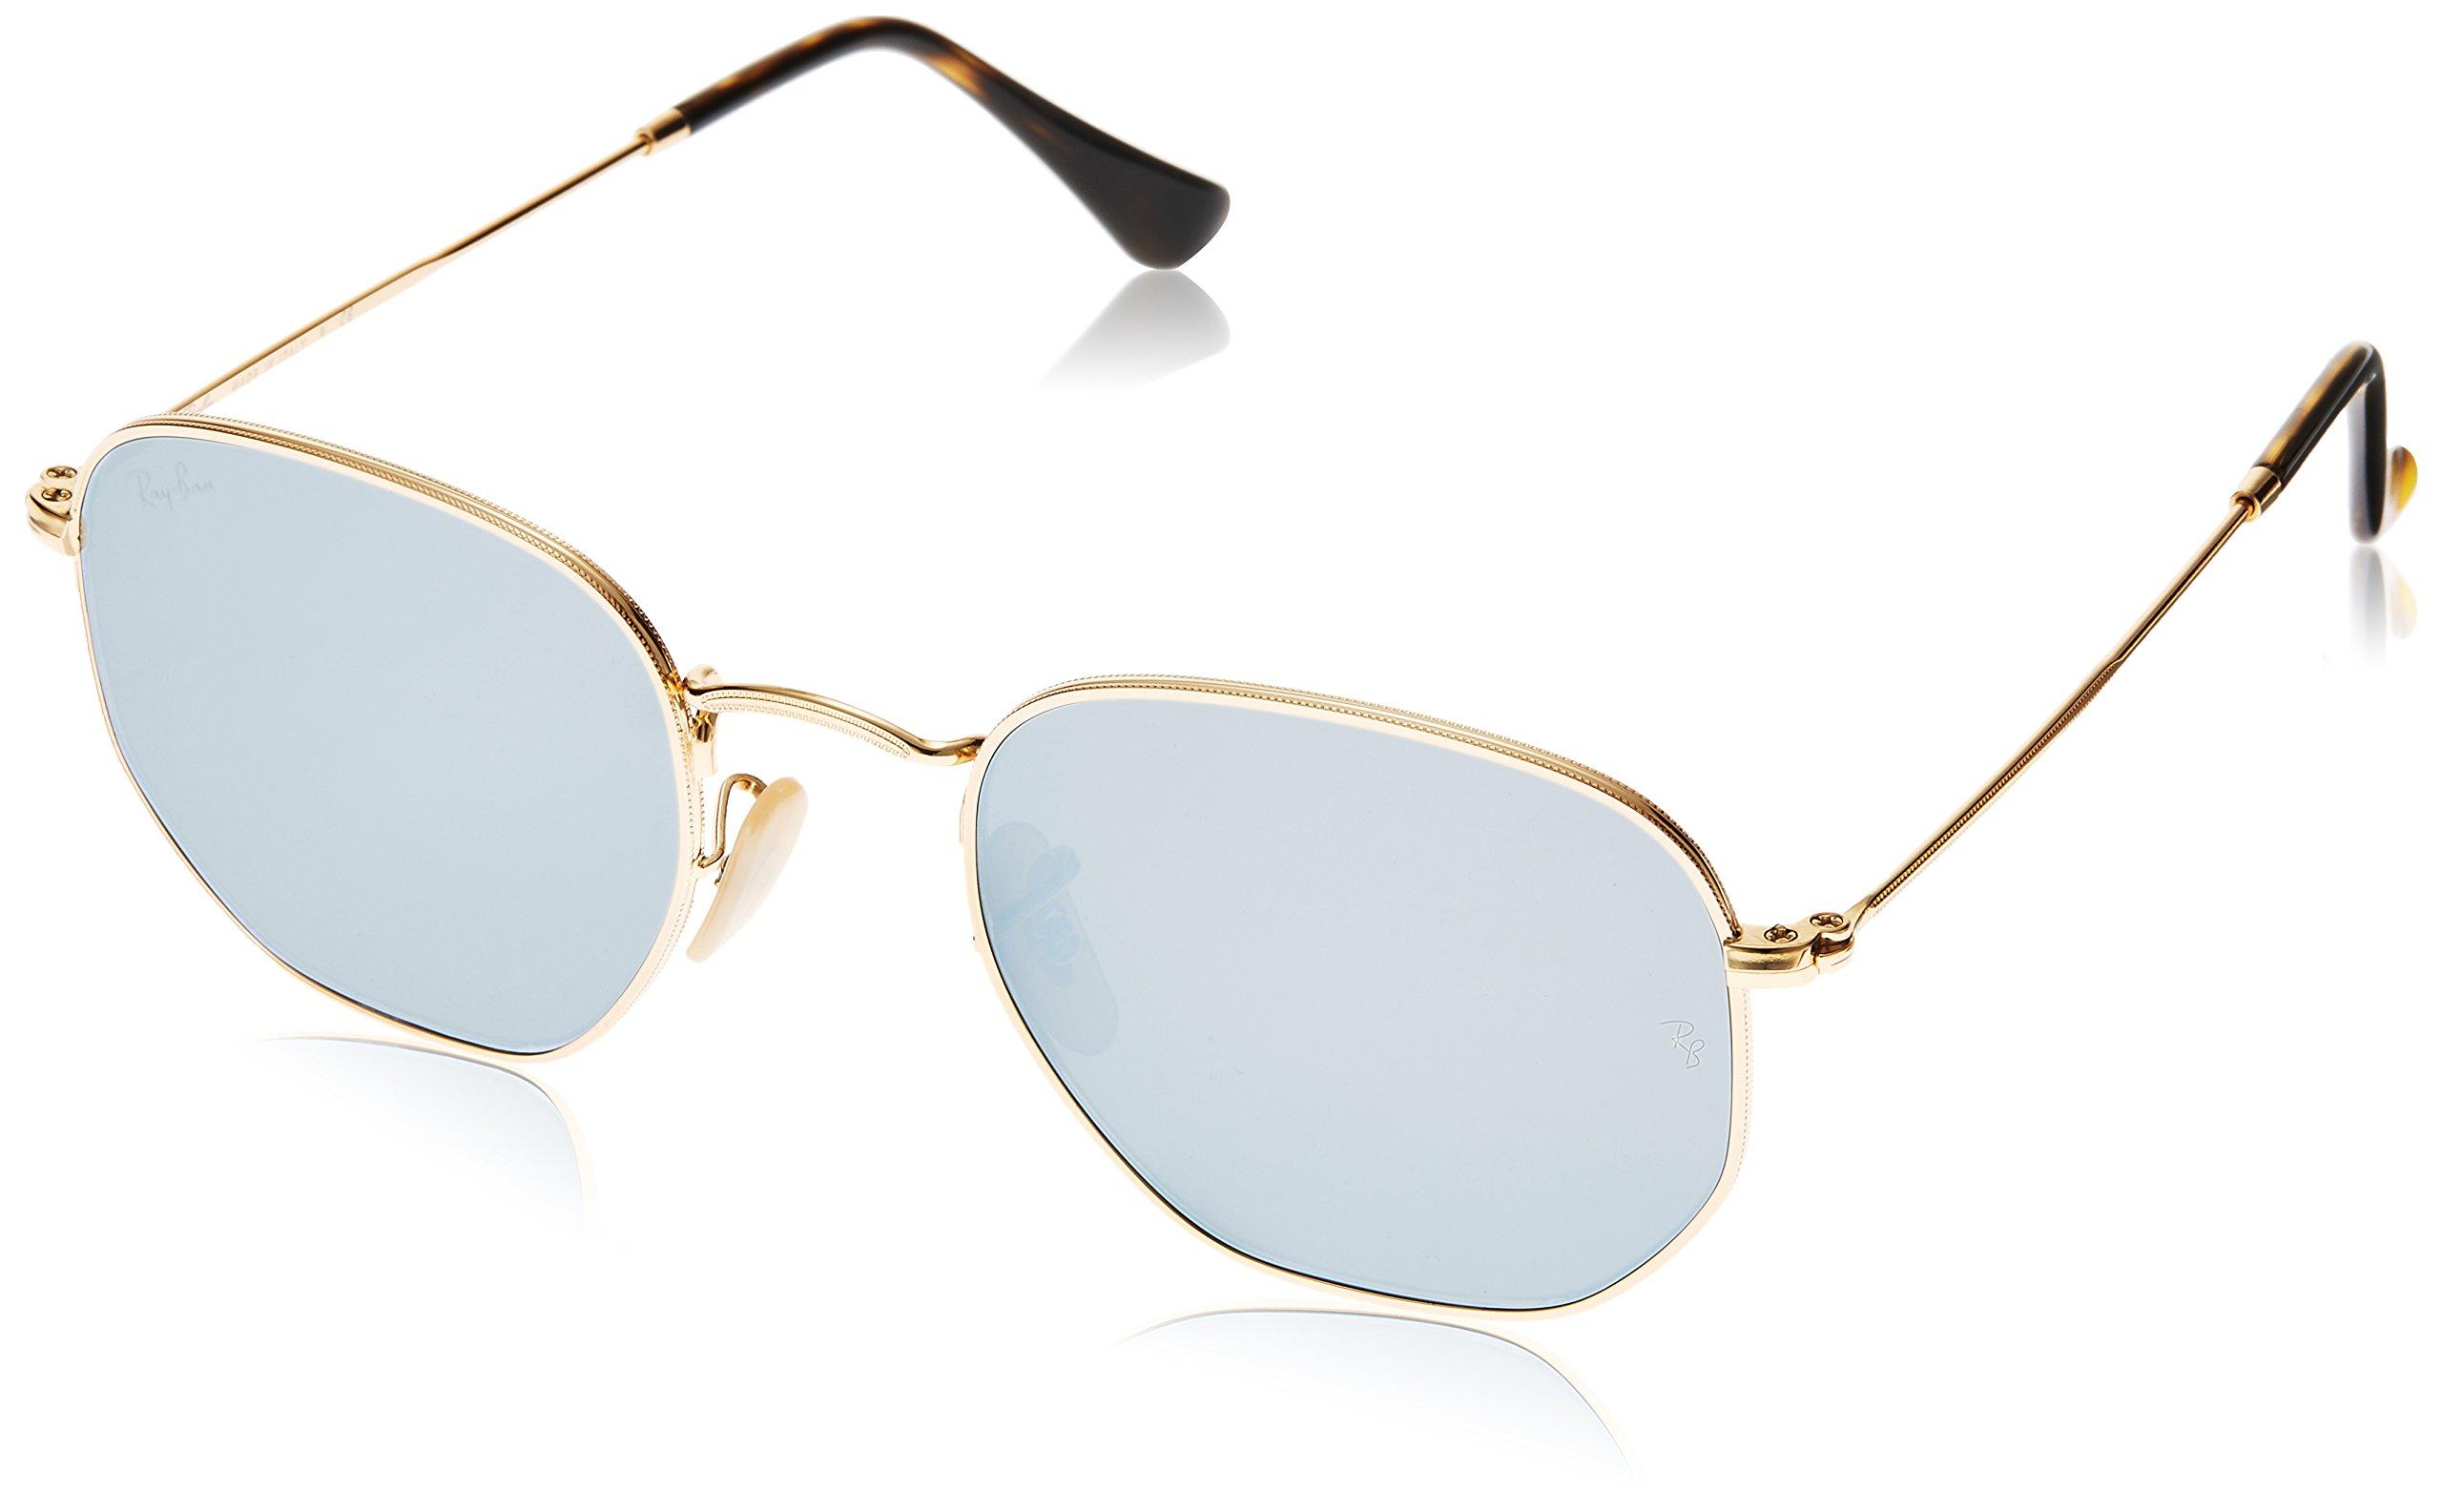 Ray-Ban RB3548N 001/9O Non Pol Sunglasses Gold Frame/ Light Blue Lenses 51mm